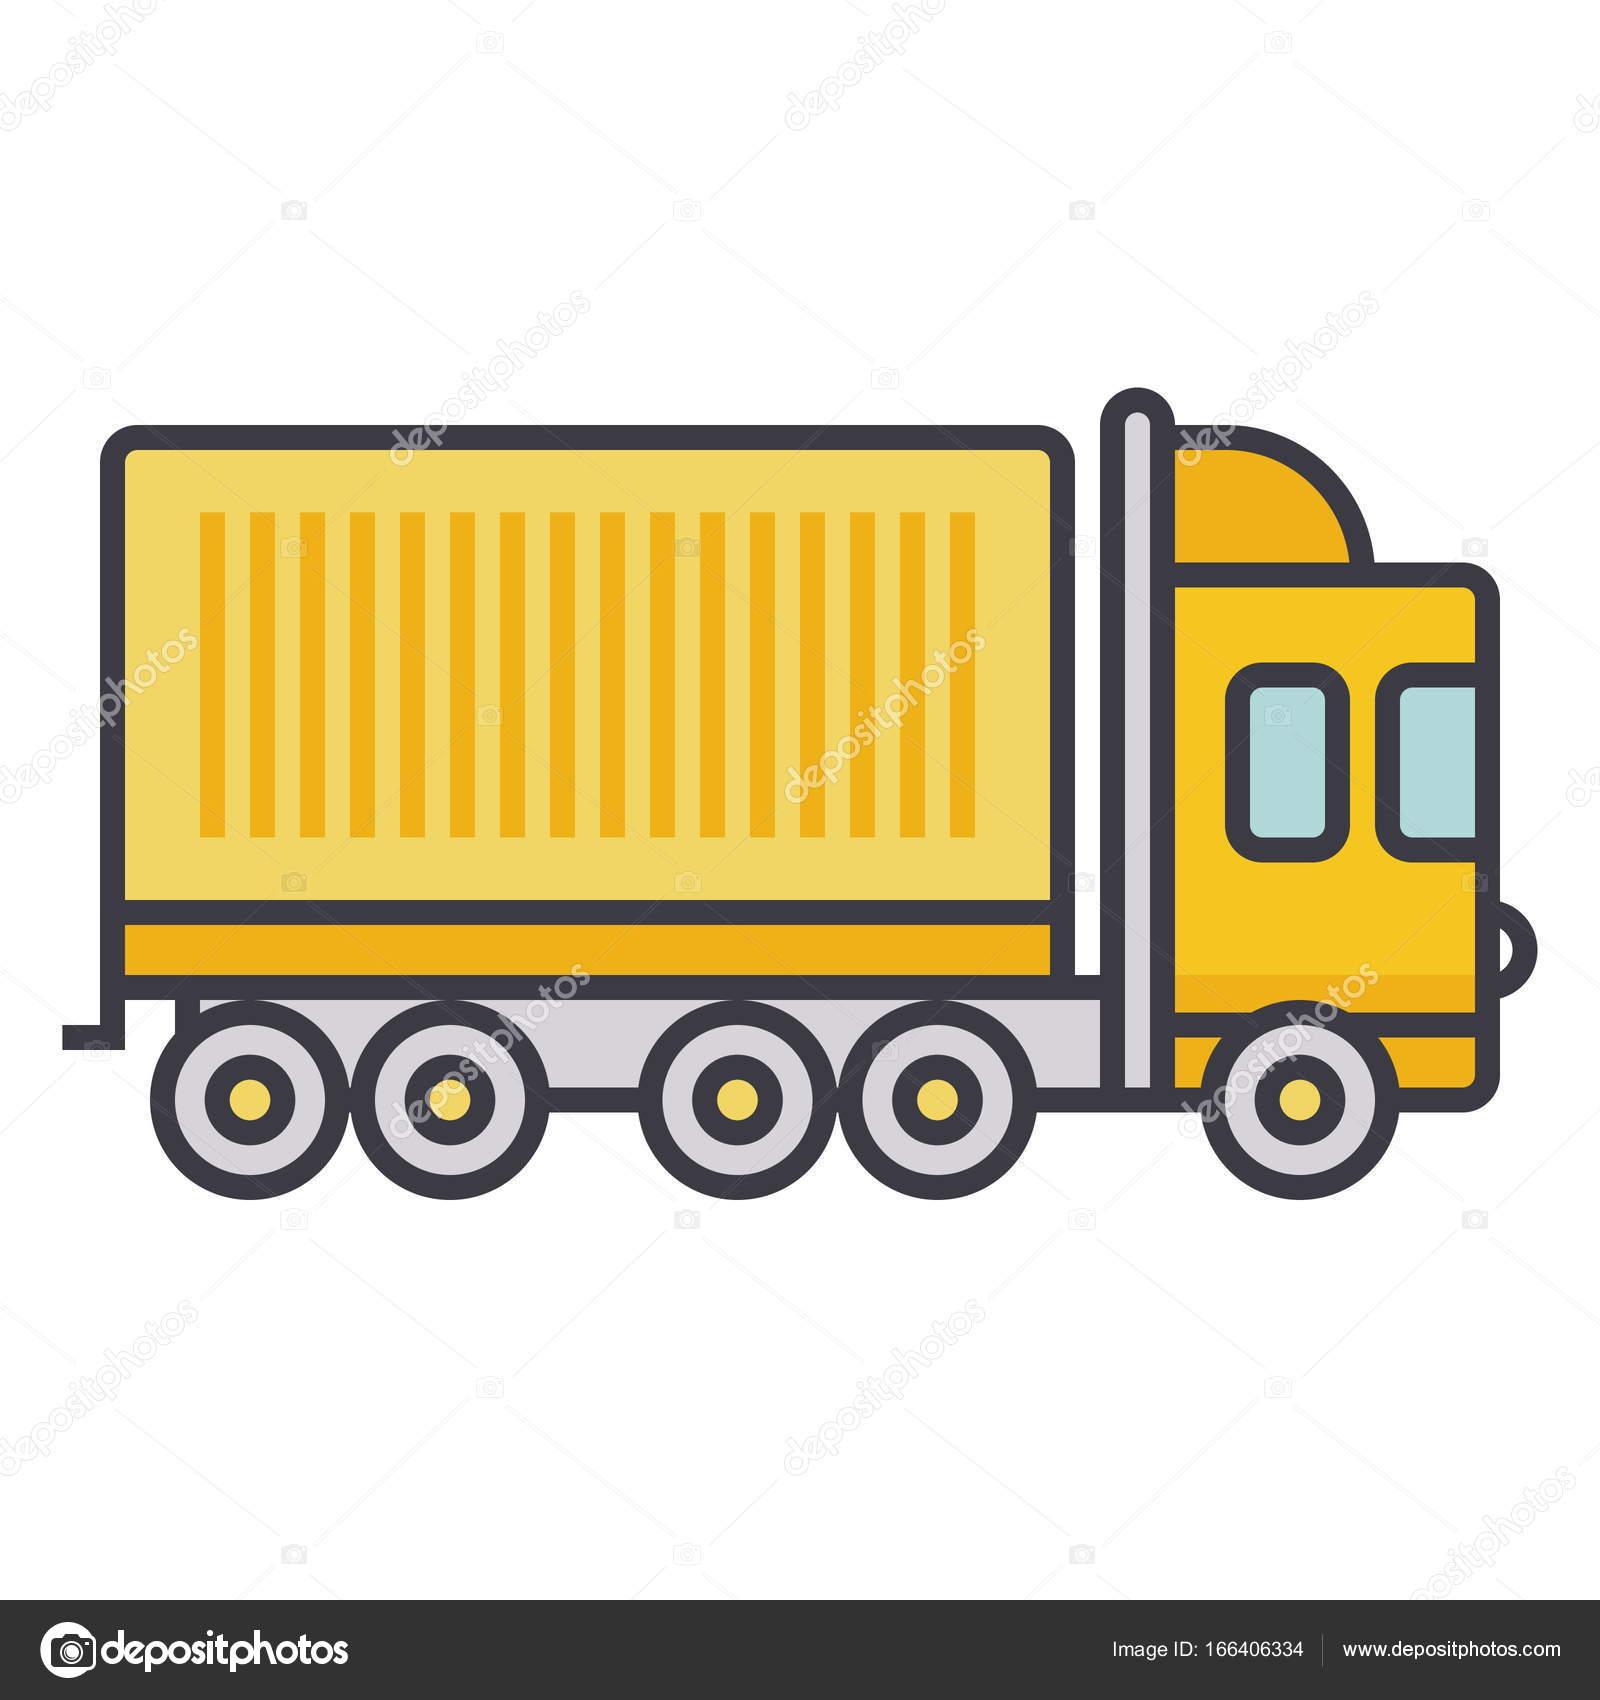 LKW Ladung Container flache Linie Abbildung, isoliert Konzept Vektor ...